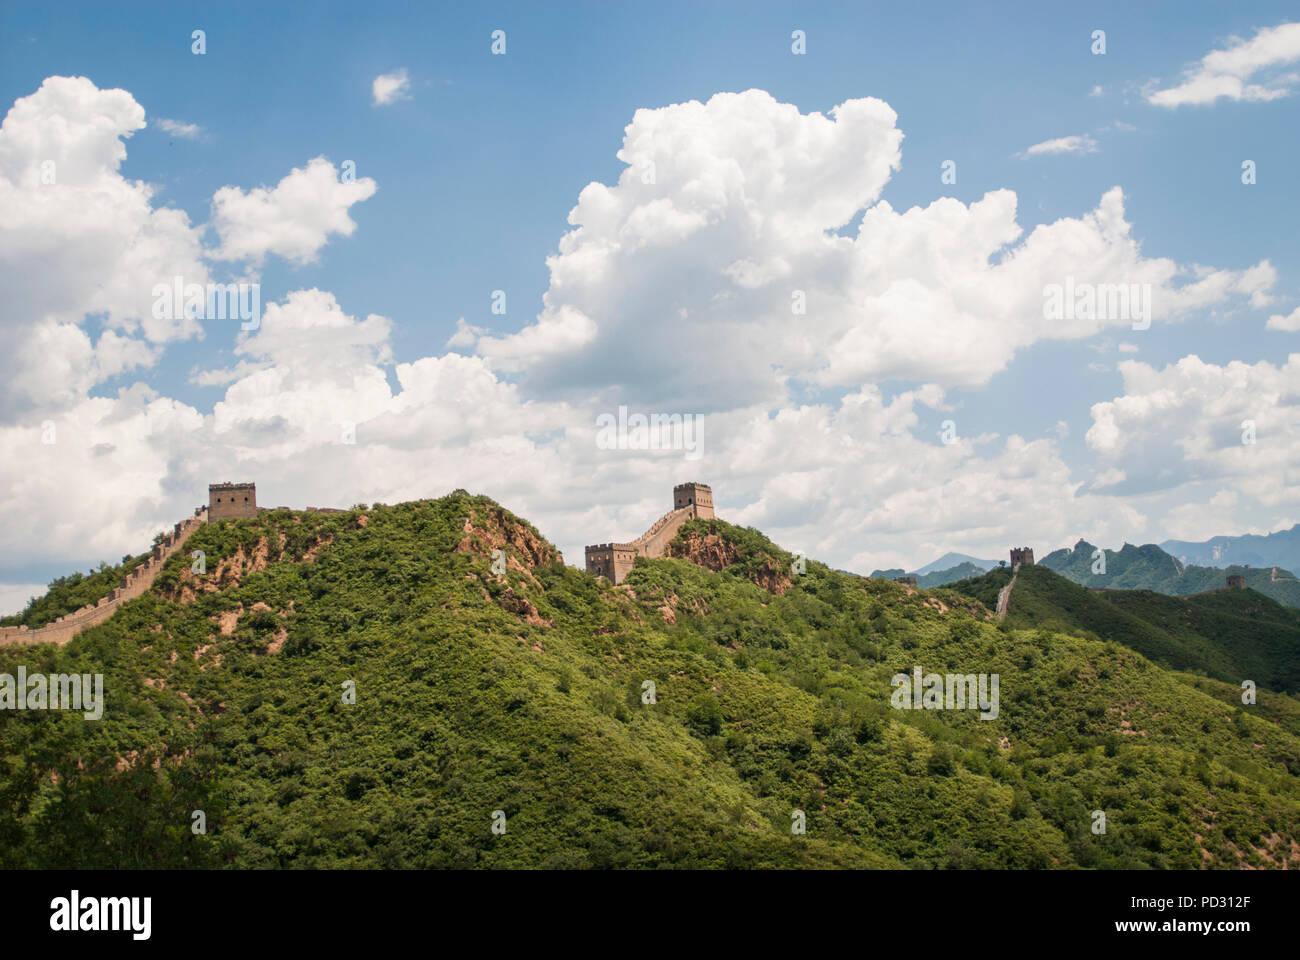 Die Große Mauer bei Jinshanling, einem beliebten Wanderweg und eines der am besten erhaltenen Teile der Großen Mauer mit vielen Originaldetails. Stockfoto